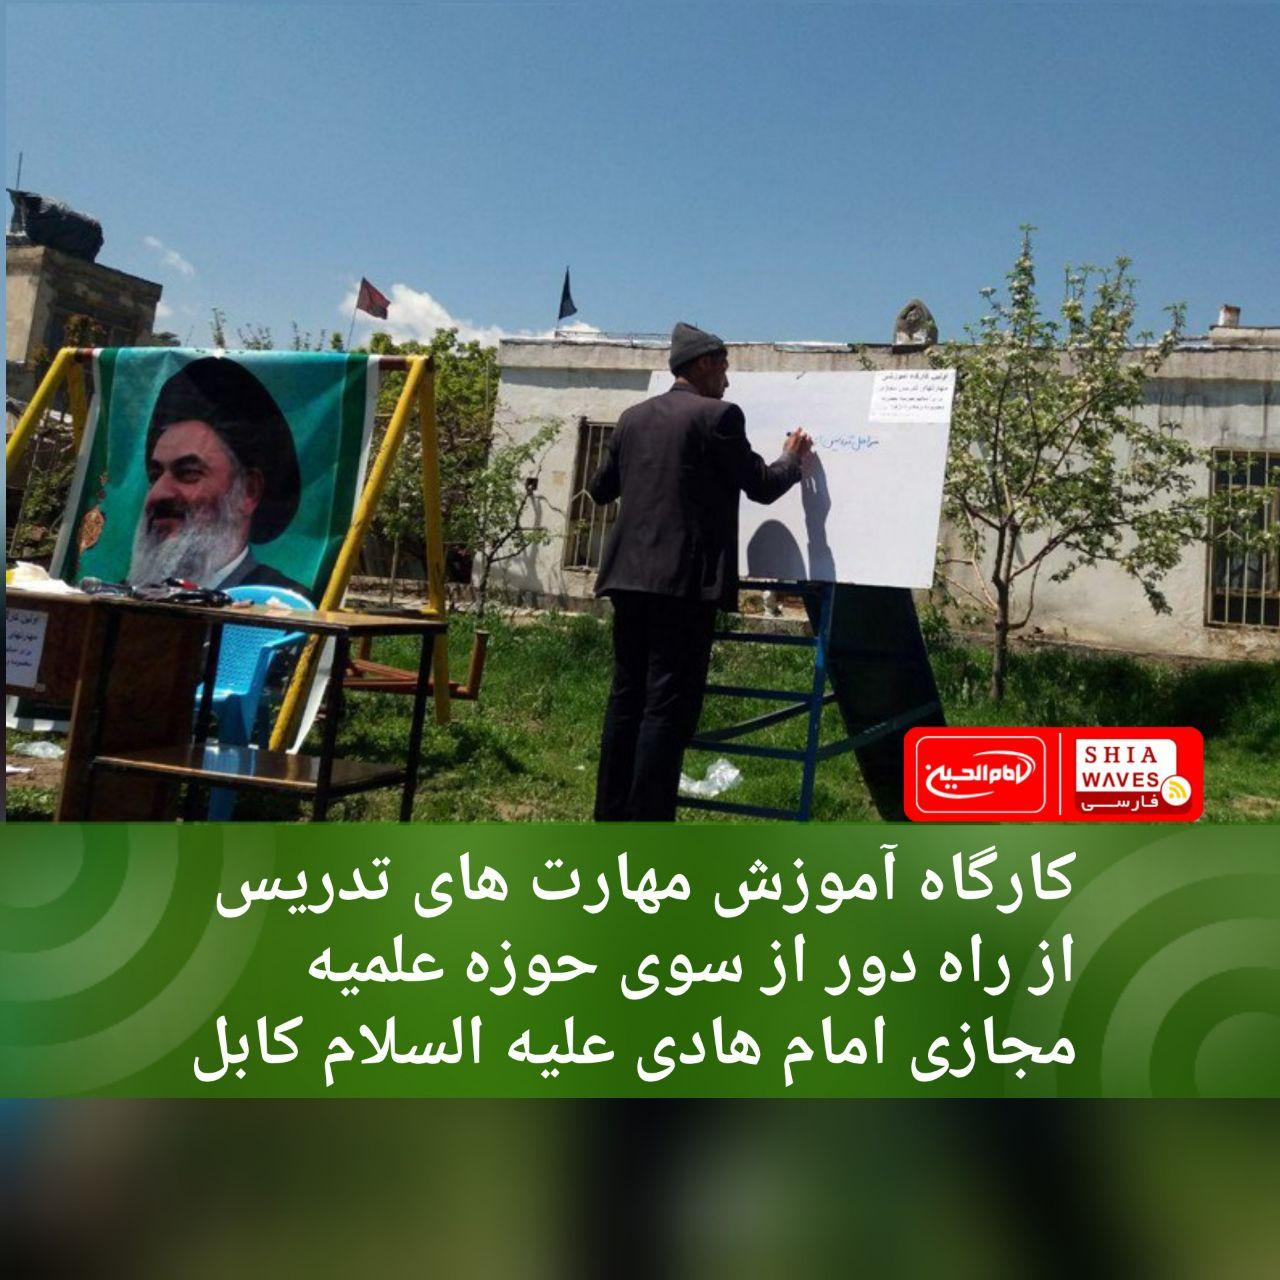 تصویر کارگاه آموزش مهارت های تدریس از راه دور از سوی حوزه علمیه مجازی امام هادی علیه السلام کابل